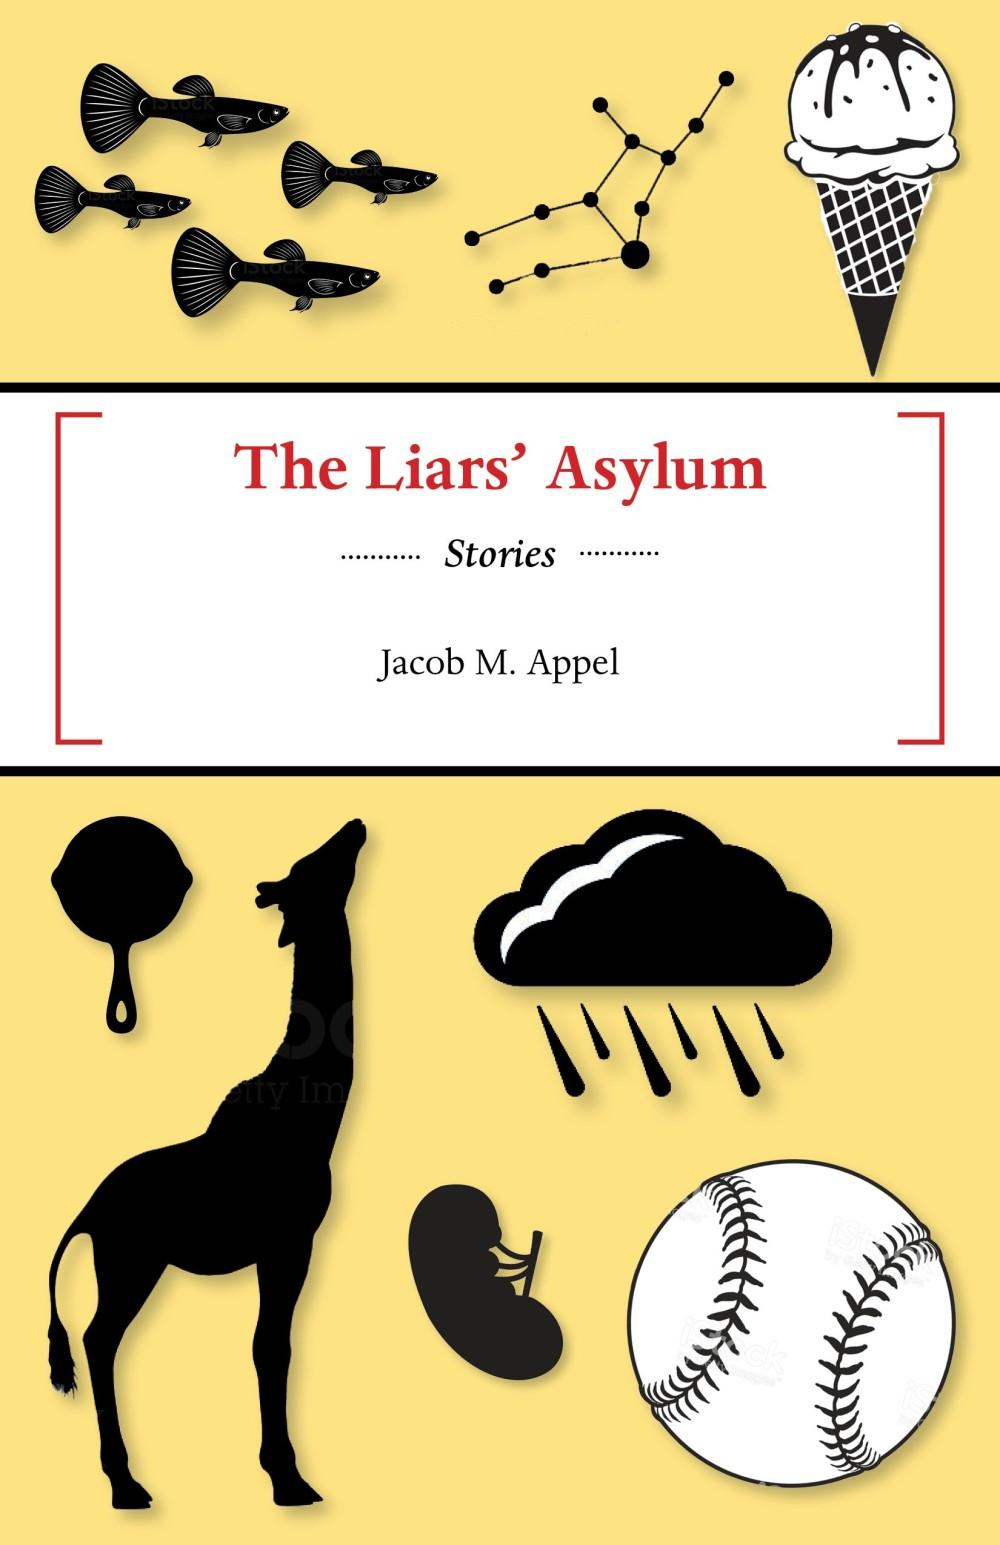 Cover -- The Liars' Asylum (1)